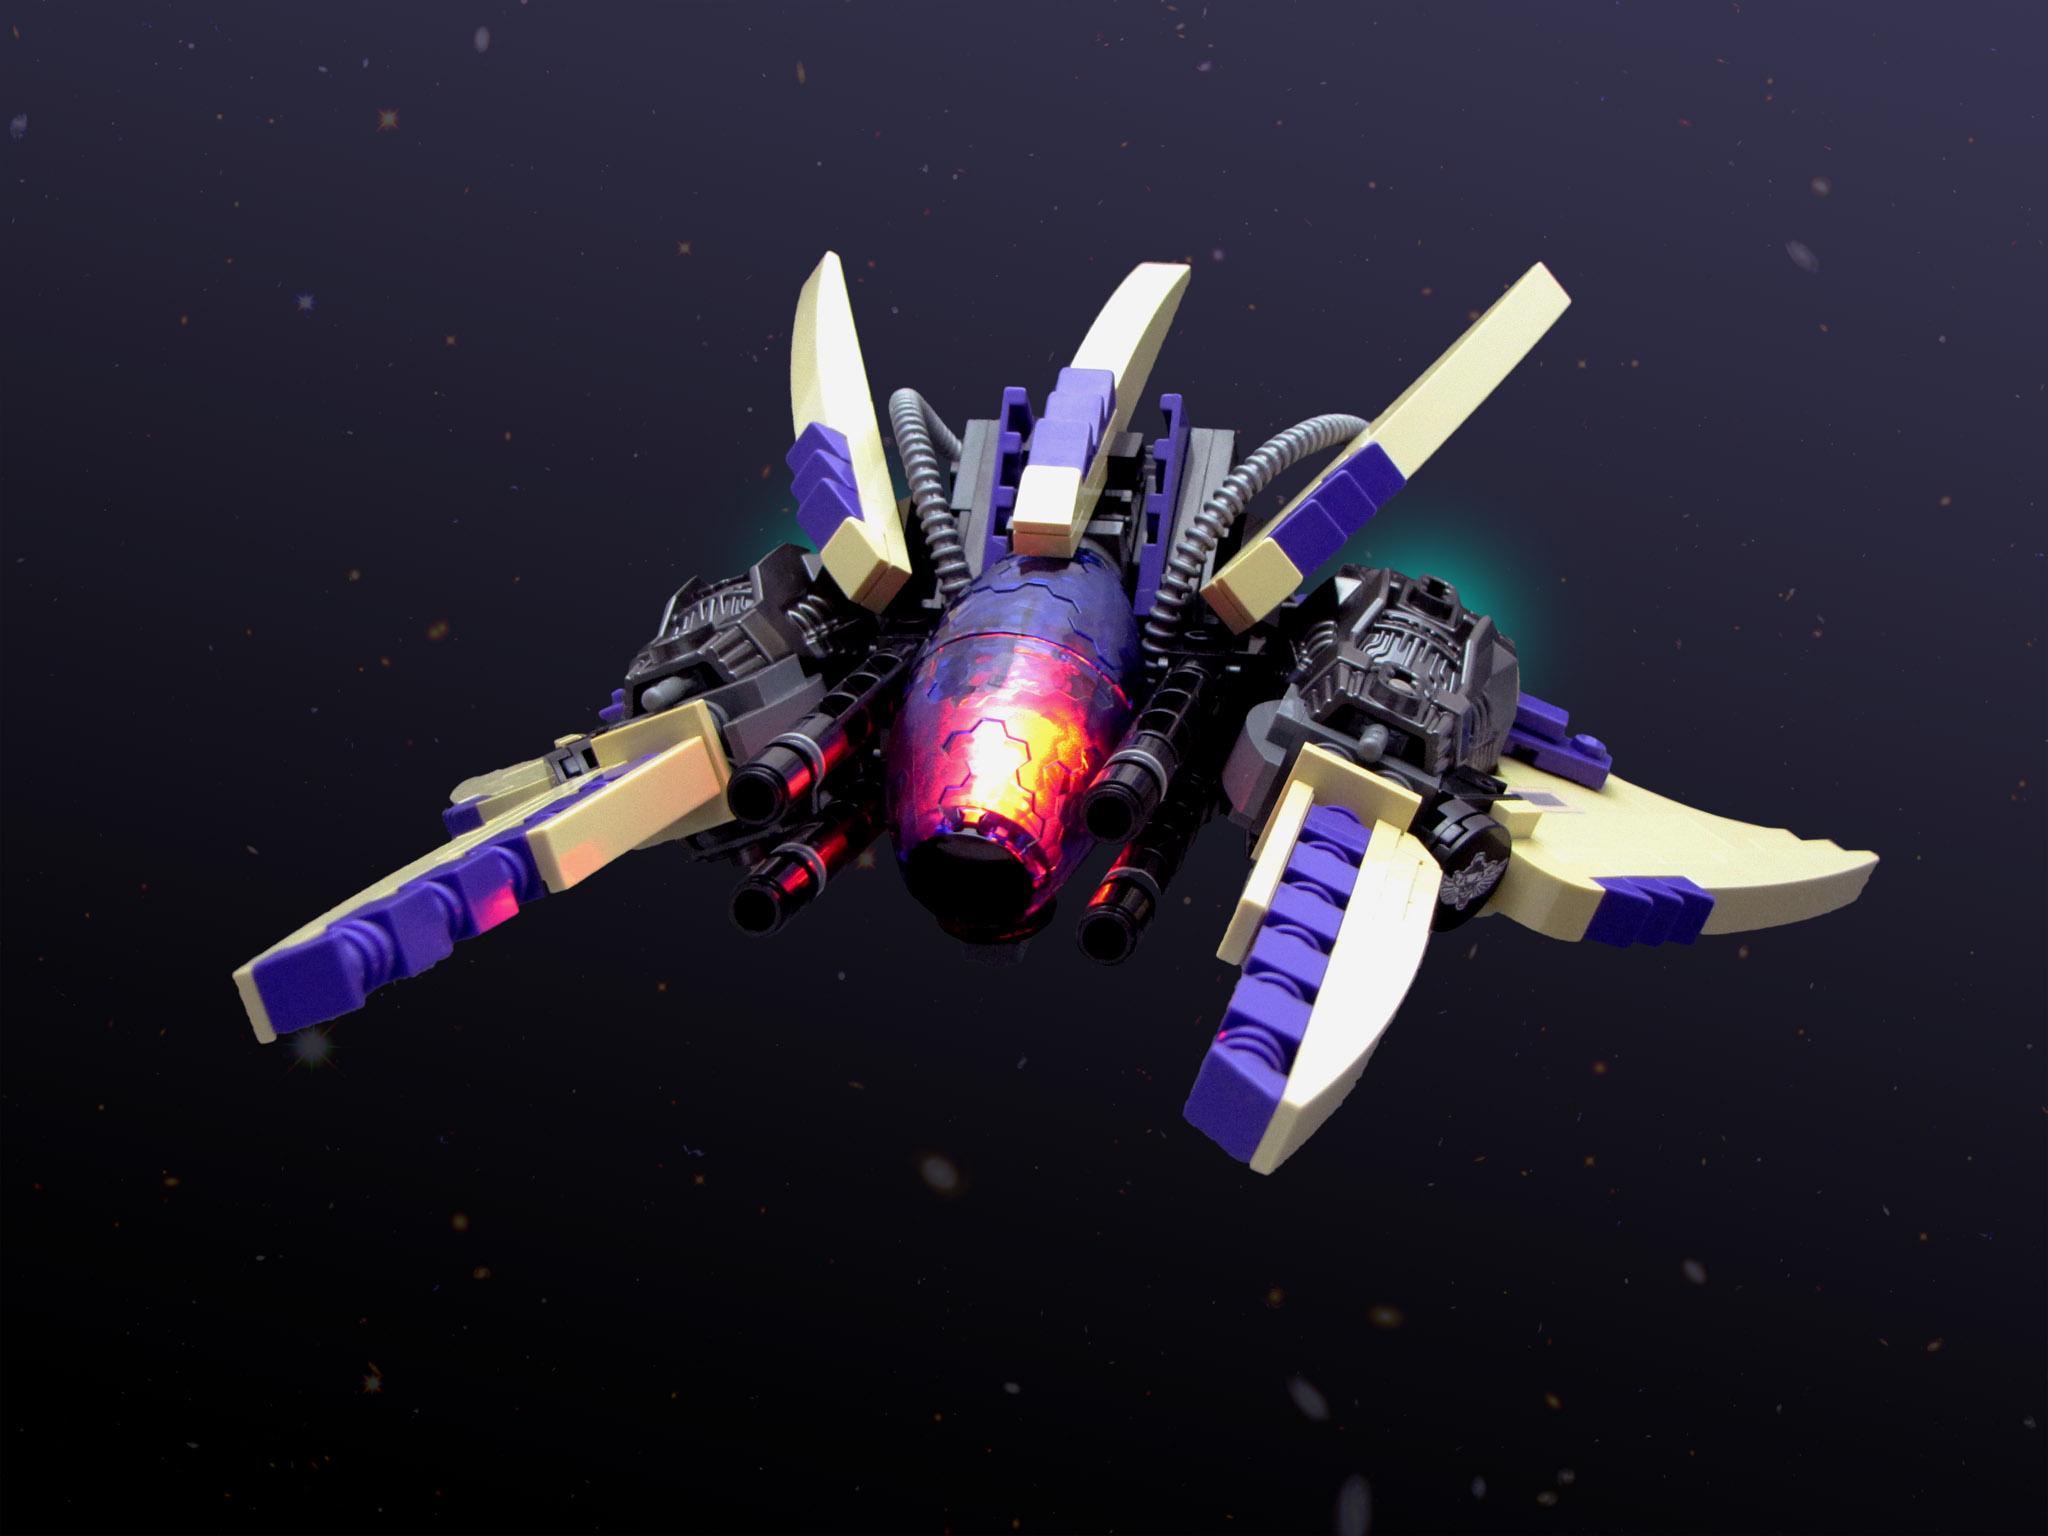 Sfondi Robot Spazio Lego Navicella Spaziale Telefono Gioco